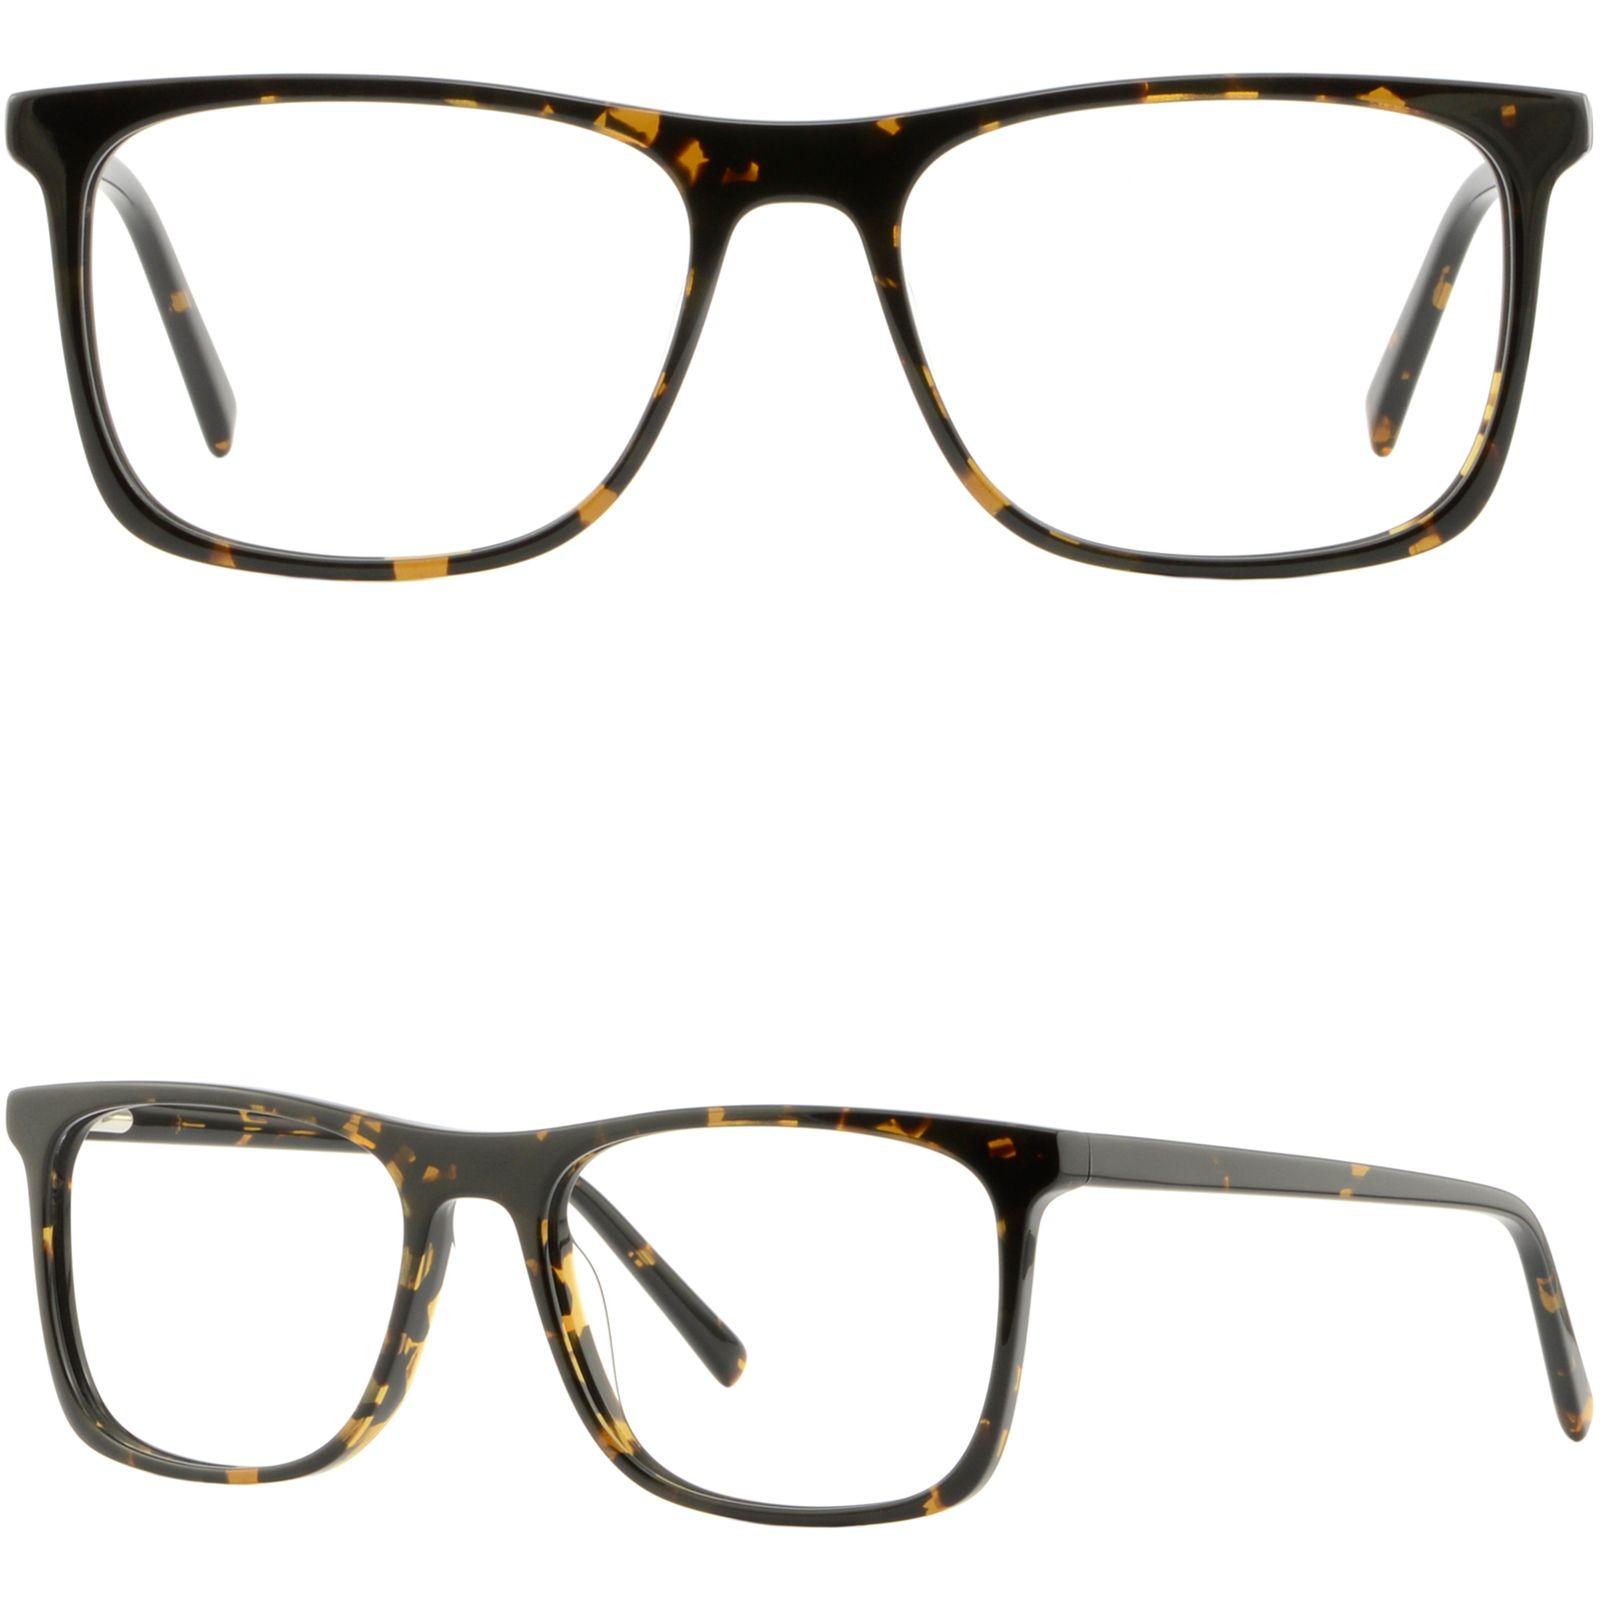 294d0297701 Tortoiseshell Large Wide Plastic Acetate Mens Womens Frame Glasses Spring  Hinges Black Eyeglass Frames Buy Glasses Frames From Aceglasses